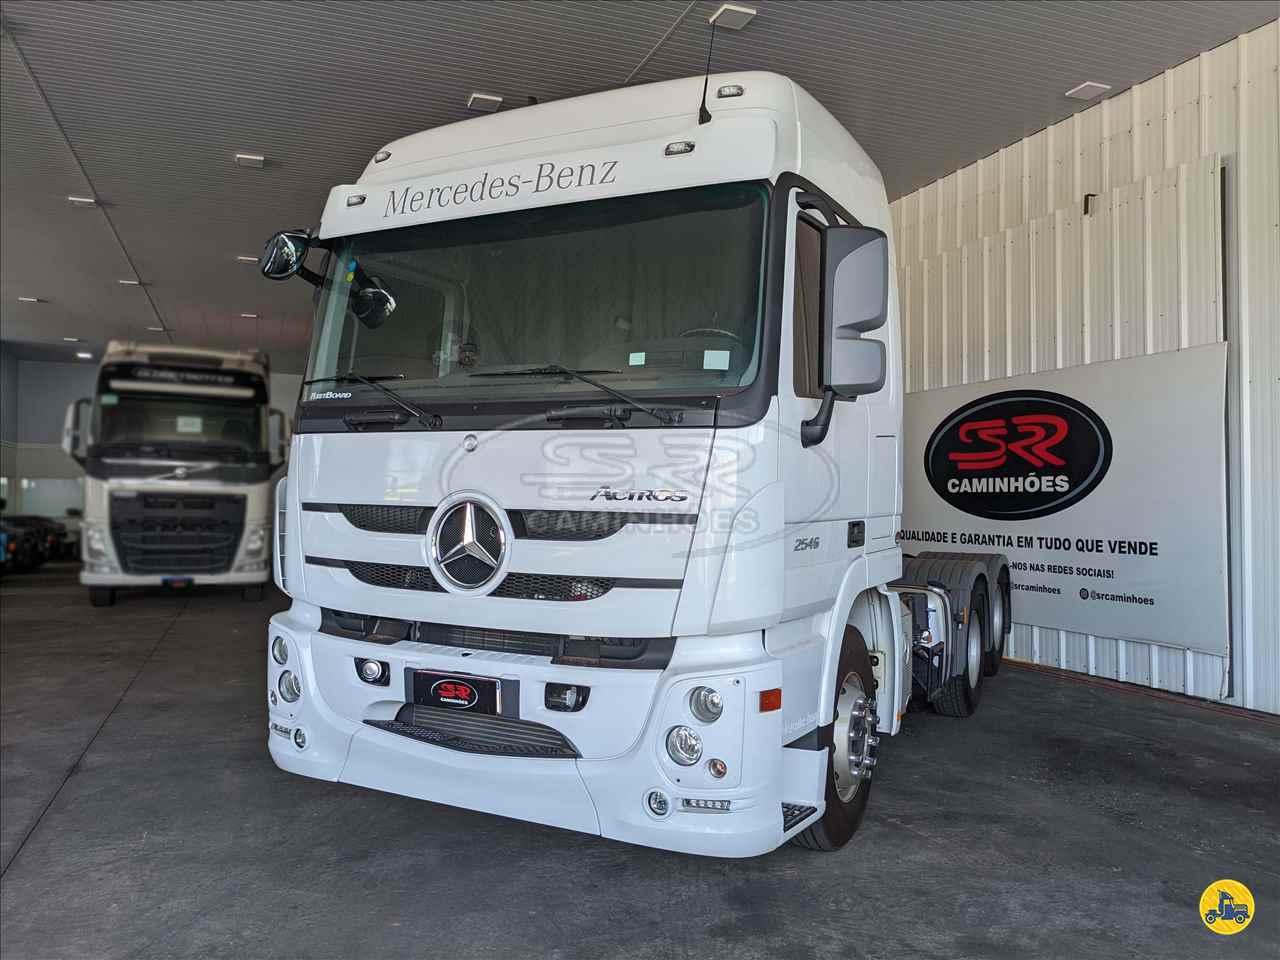 CAMINHAO MERCEDES-BENZ MB 2546 Cavalo Mecânico Truck 6x2 S R Caminhões LUCAS DO RIO VERDE MATO GROSSO MT